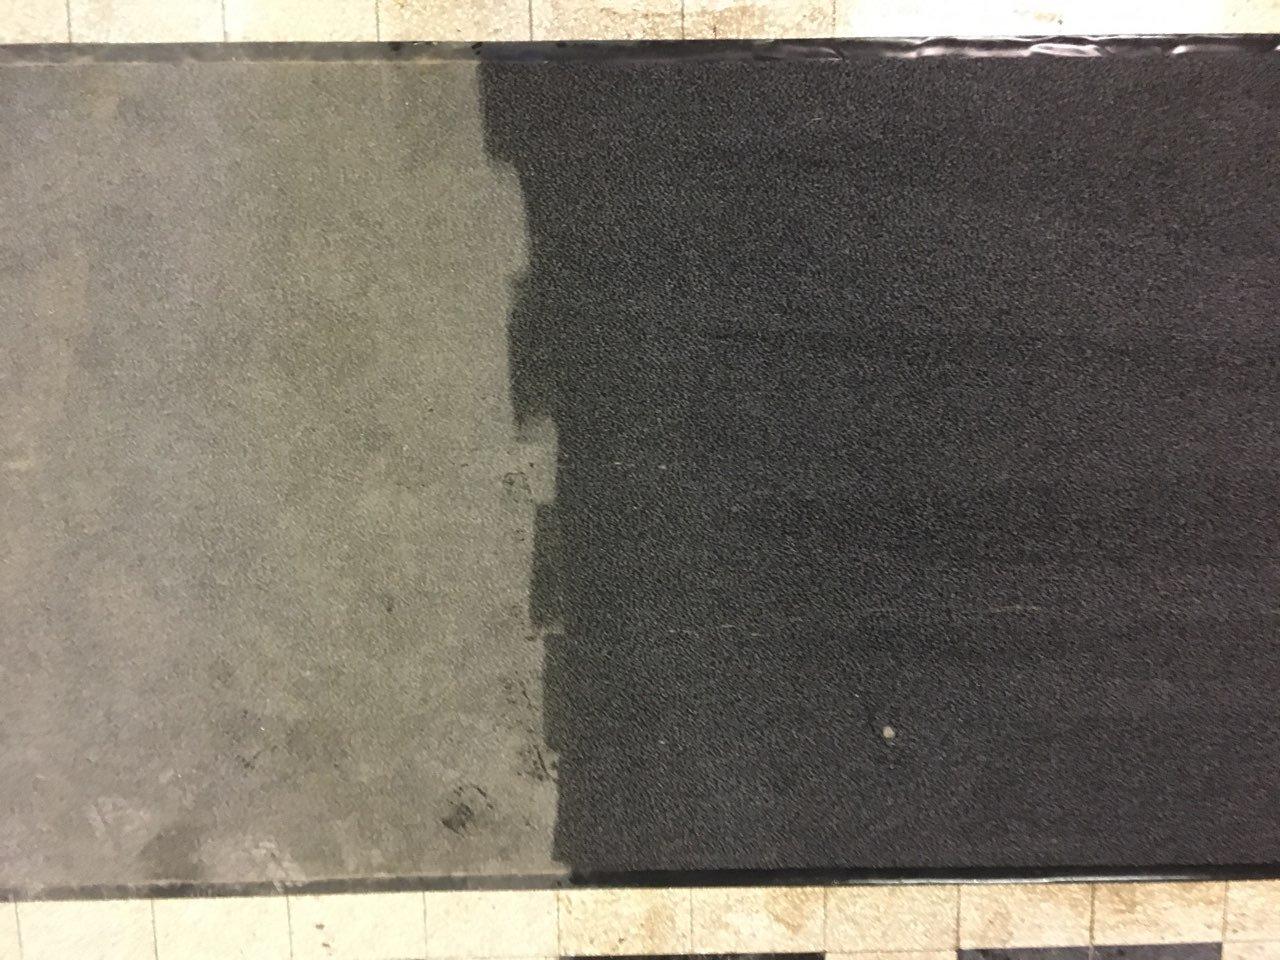 Belépőszőnyeg tisztítása csapvízzel Rotowash szőnyegtisztító géppel